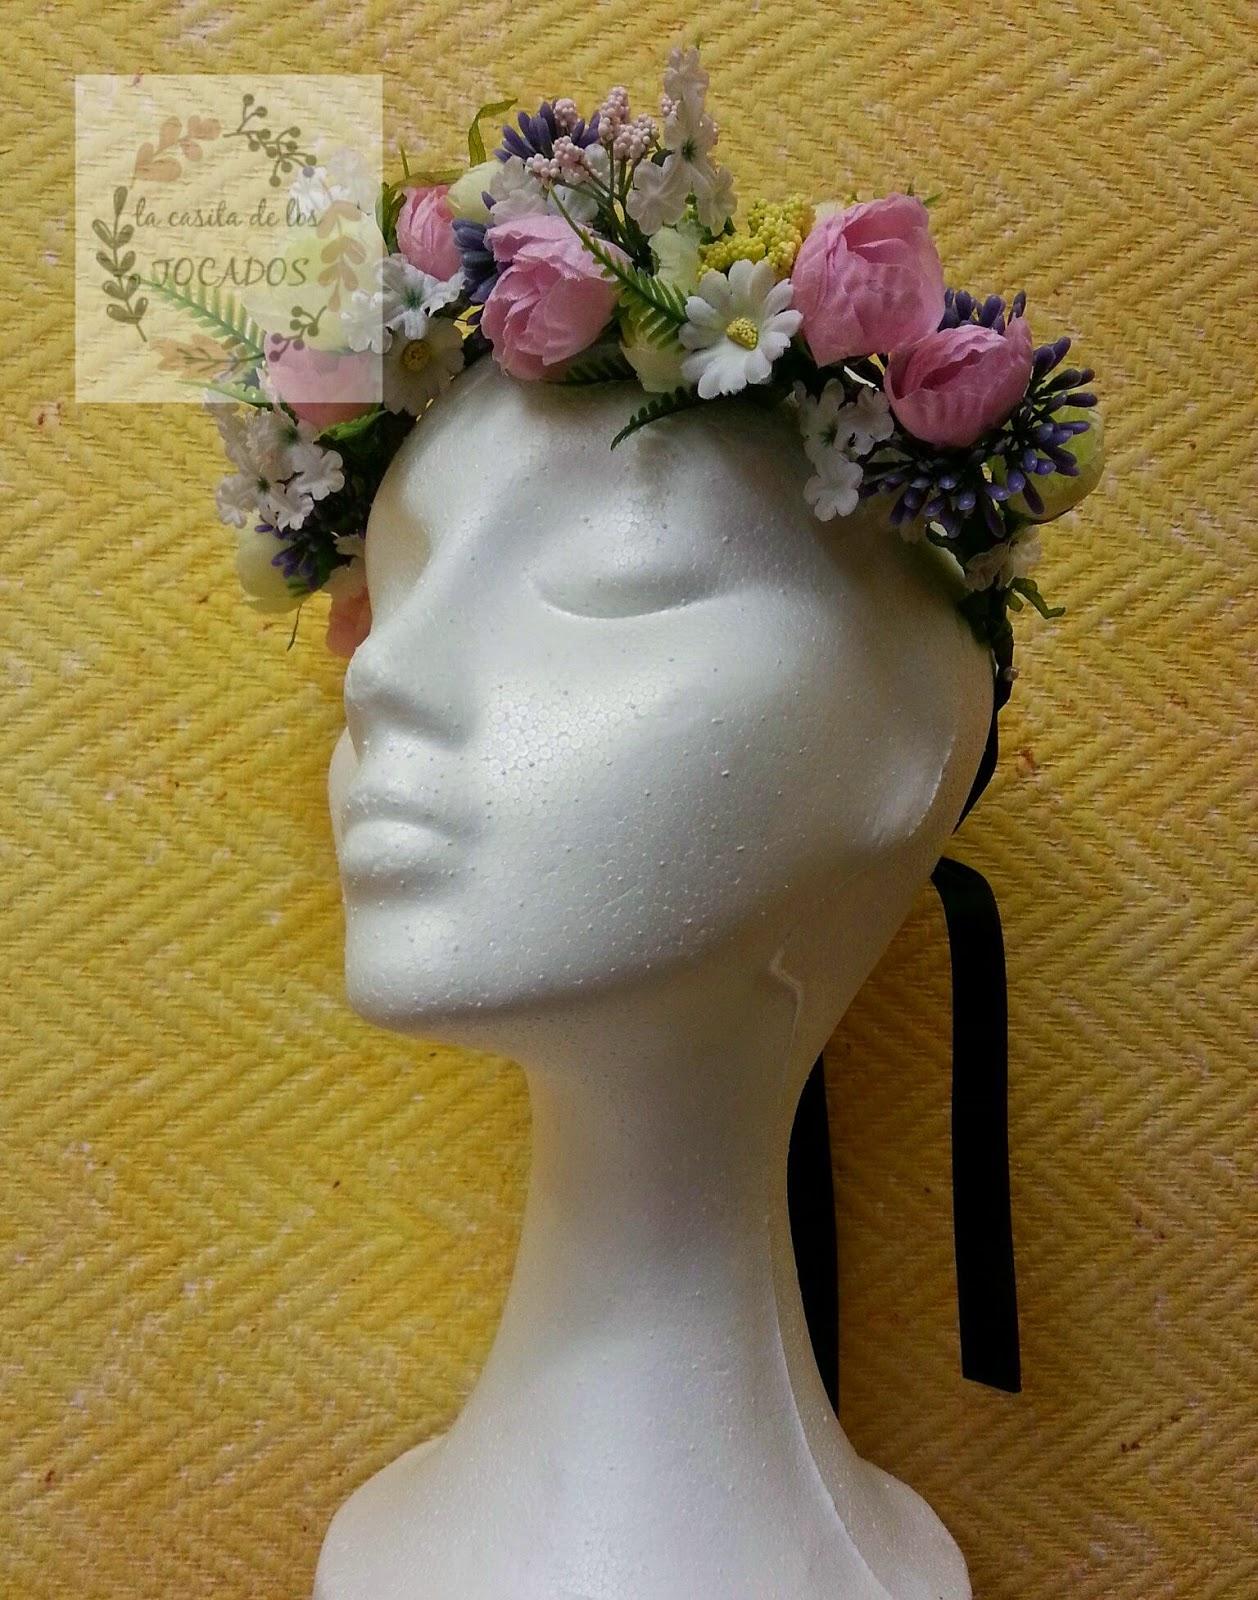 corona de flores para boda o eventos de fiesta informales en colores variados